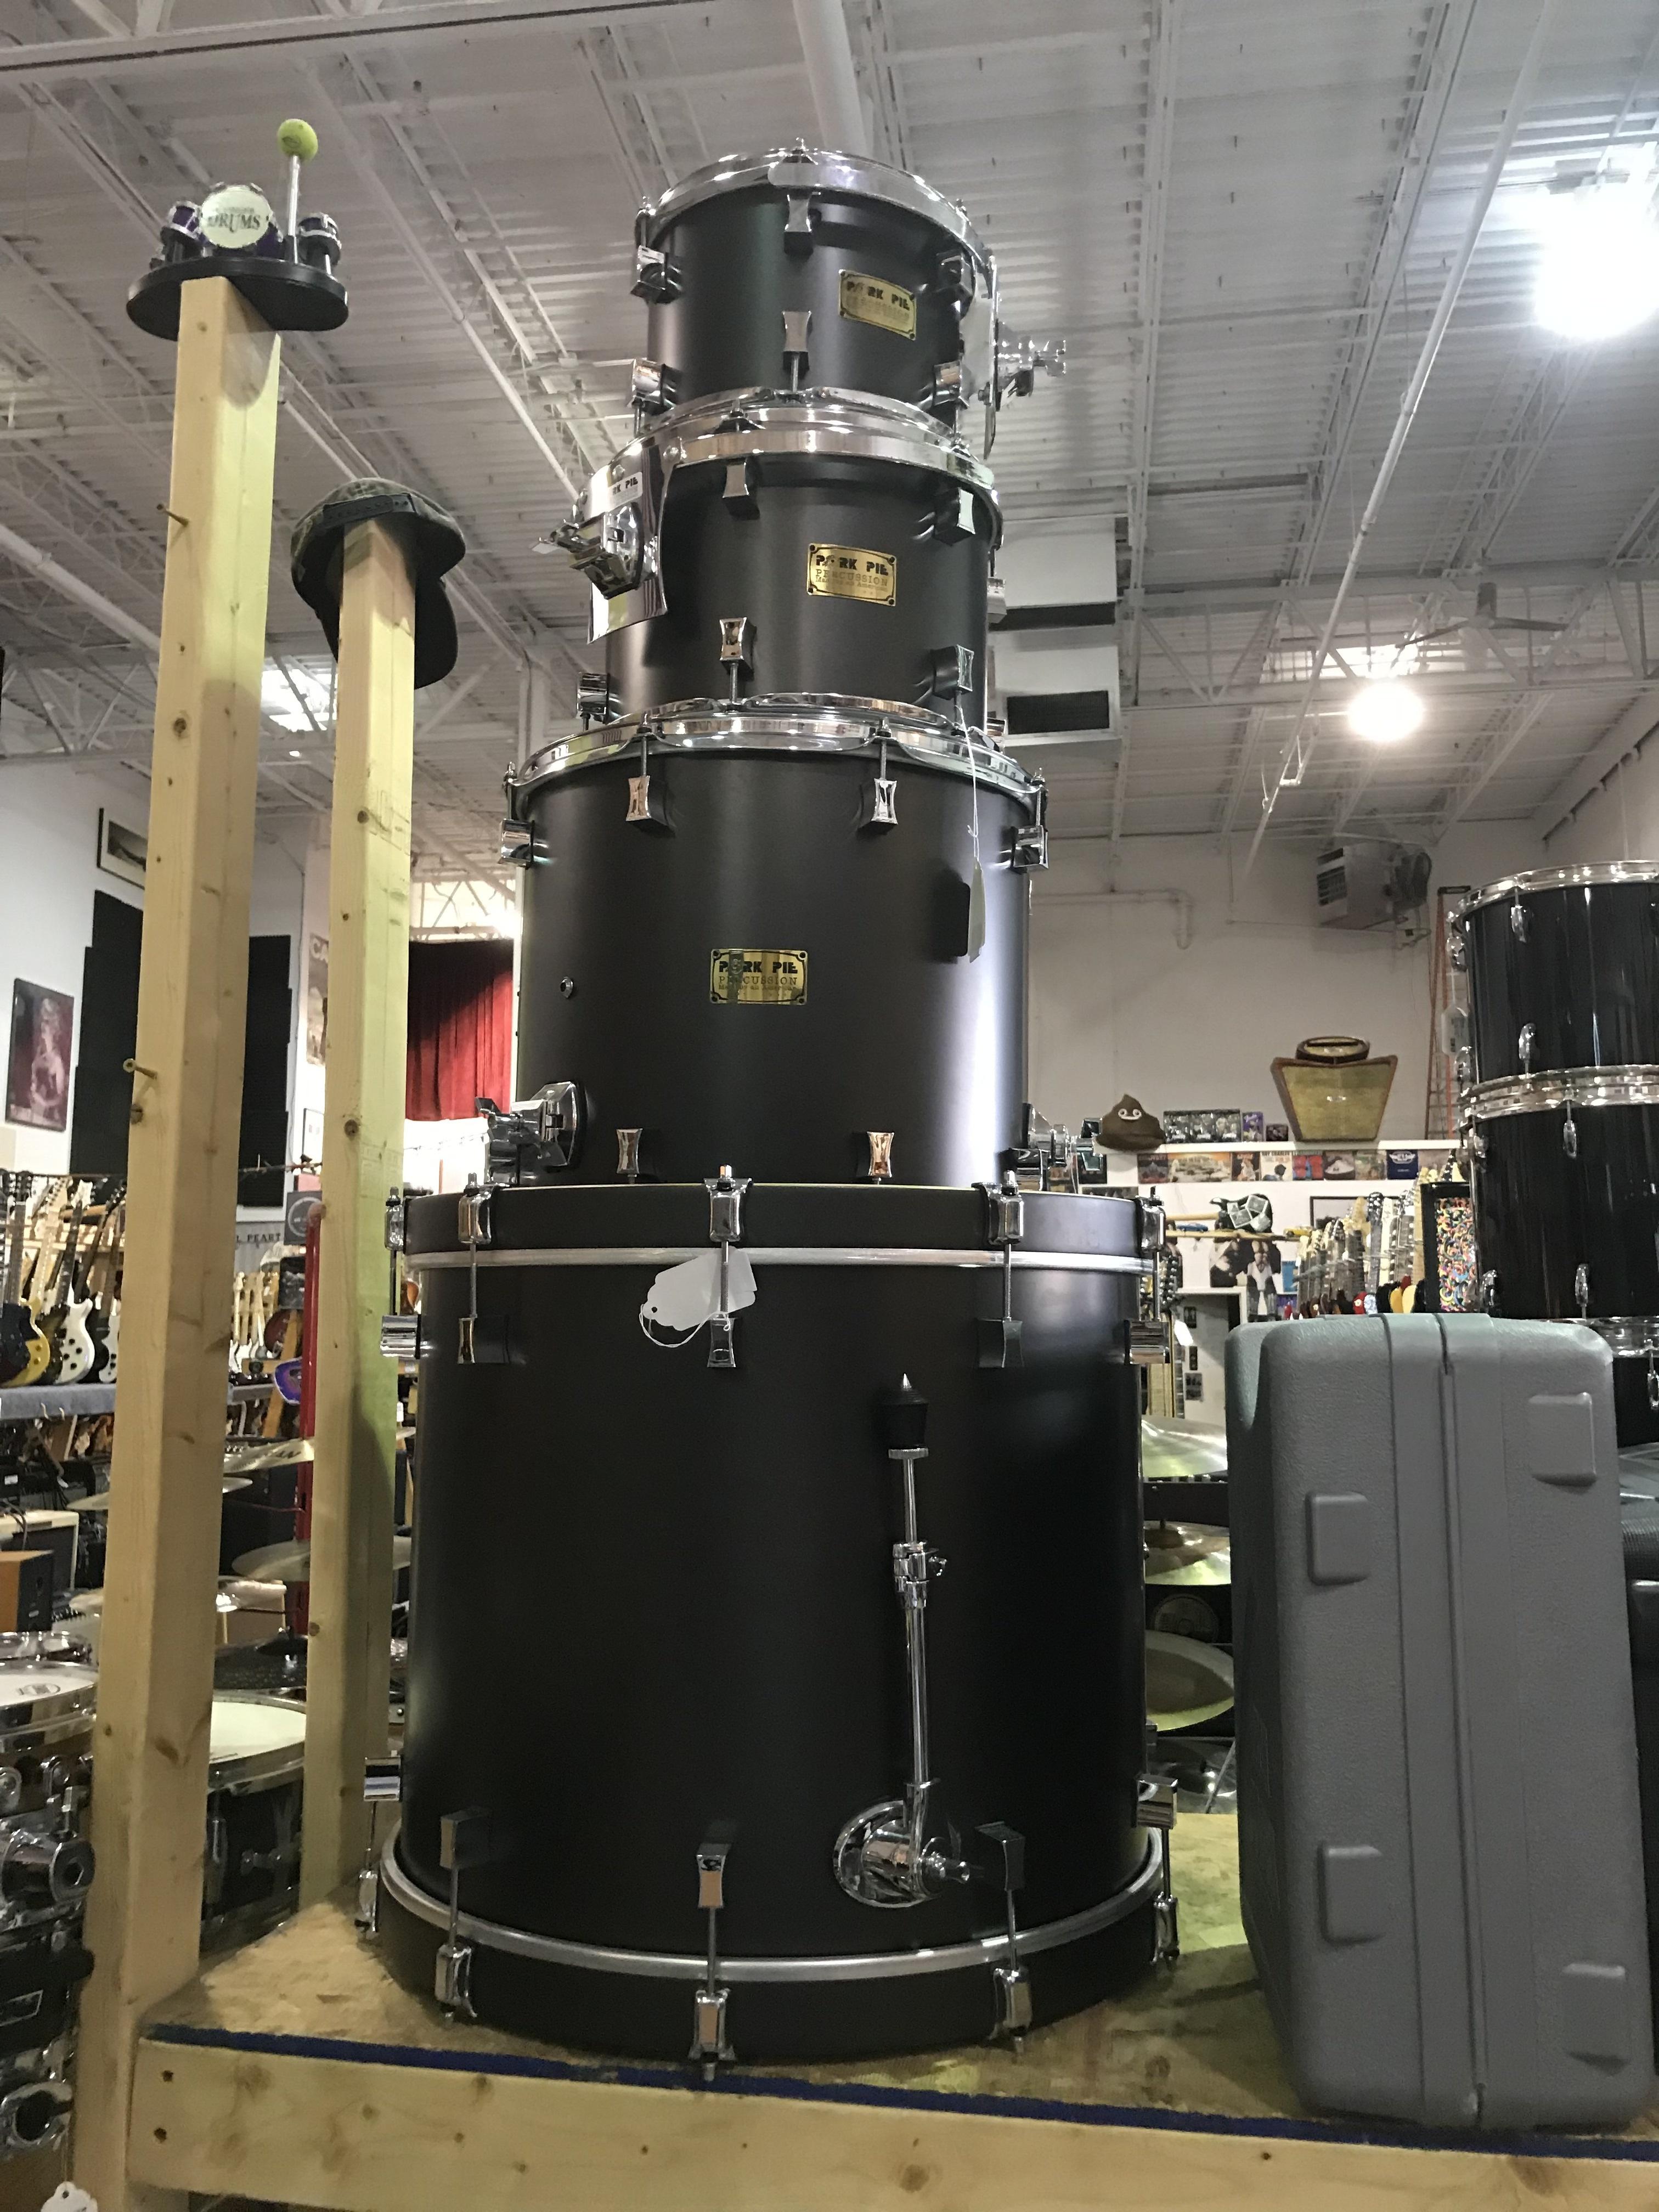 PORK PIE LITTLE SQUEALER 4 Piece Shell Drum Kit